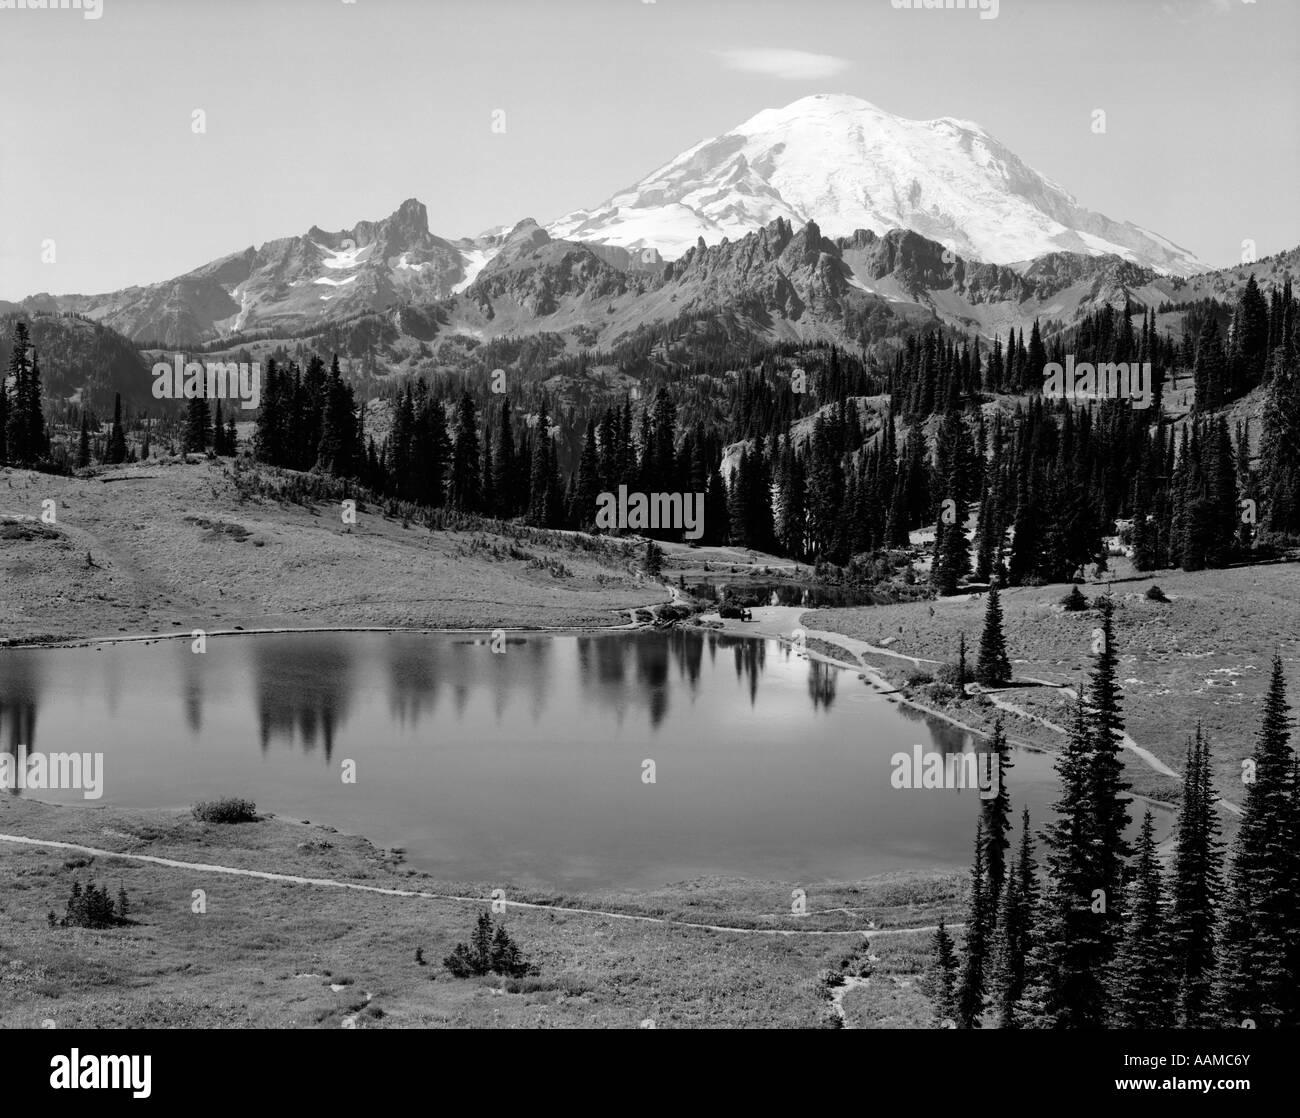 1930s MOUNTAIN LAKE - Stock Image